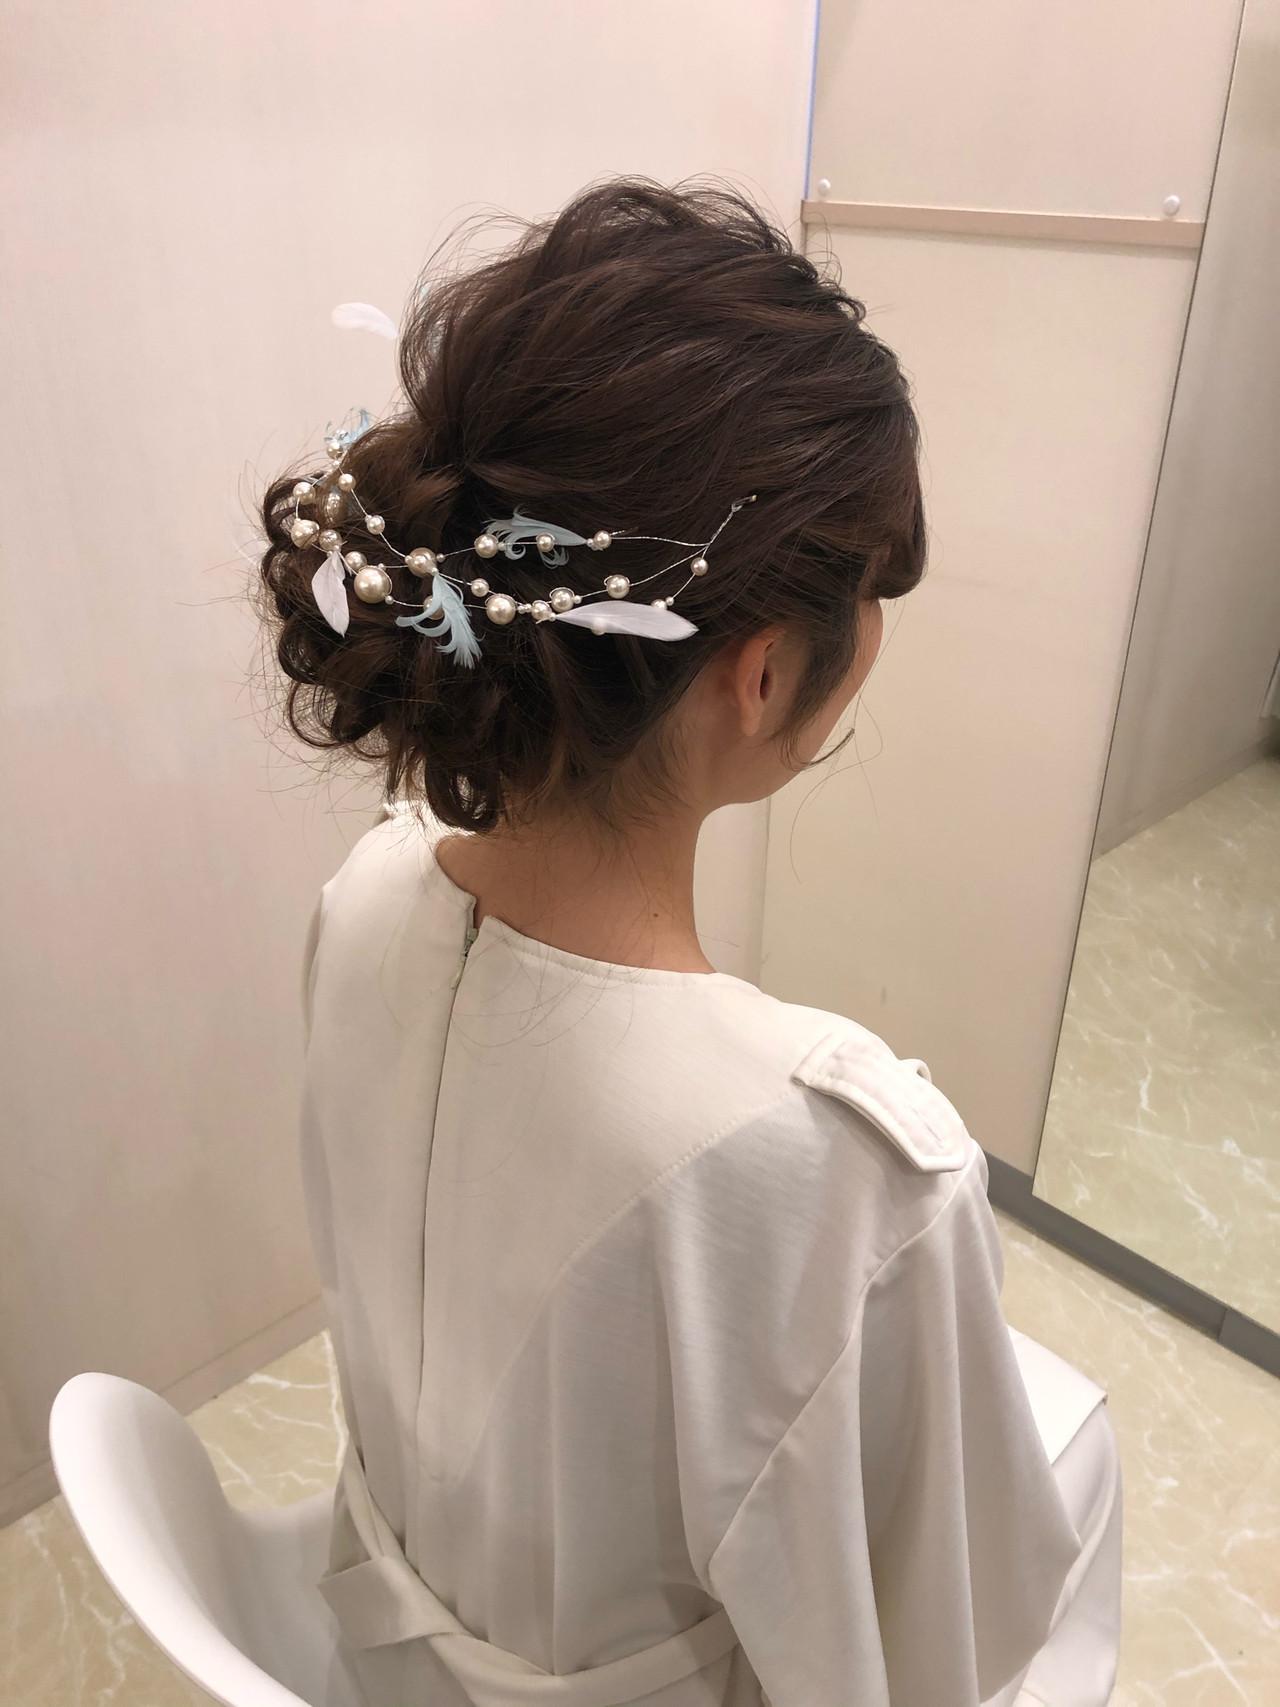 ヘアセット アップスタイル フェミニン 結婚式 ヘアスタイルや髪型の写真・画像